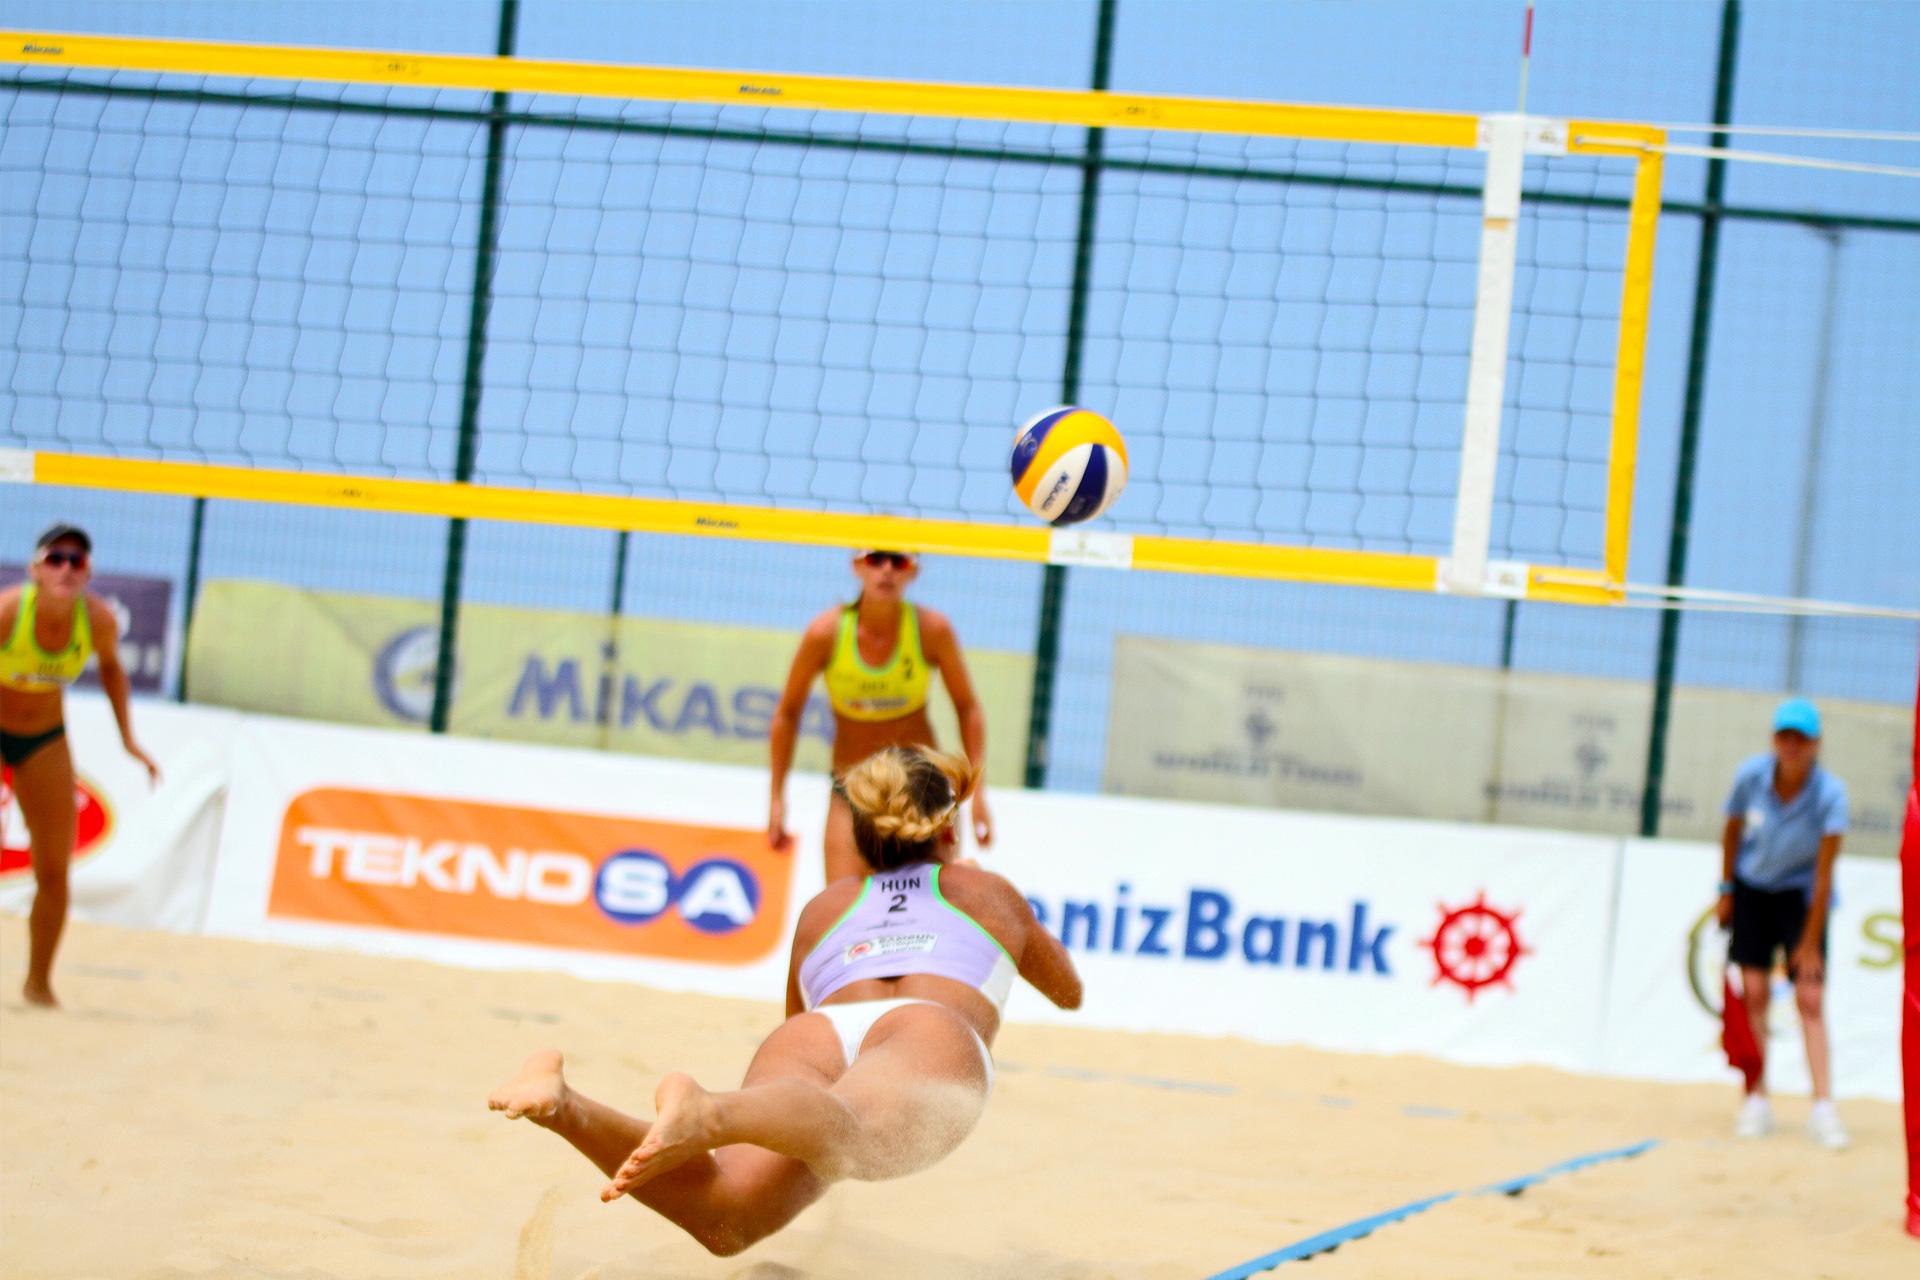 Szombathelyi Szandra magyar bajnok strandröplabda játékos